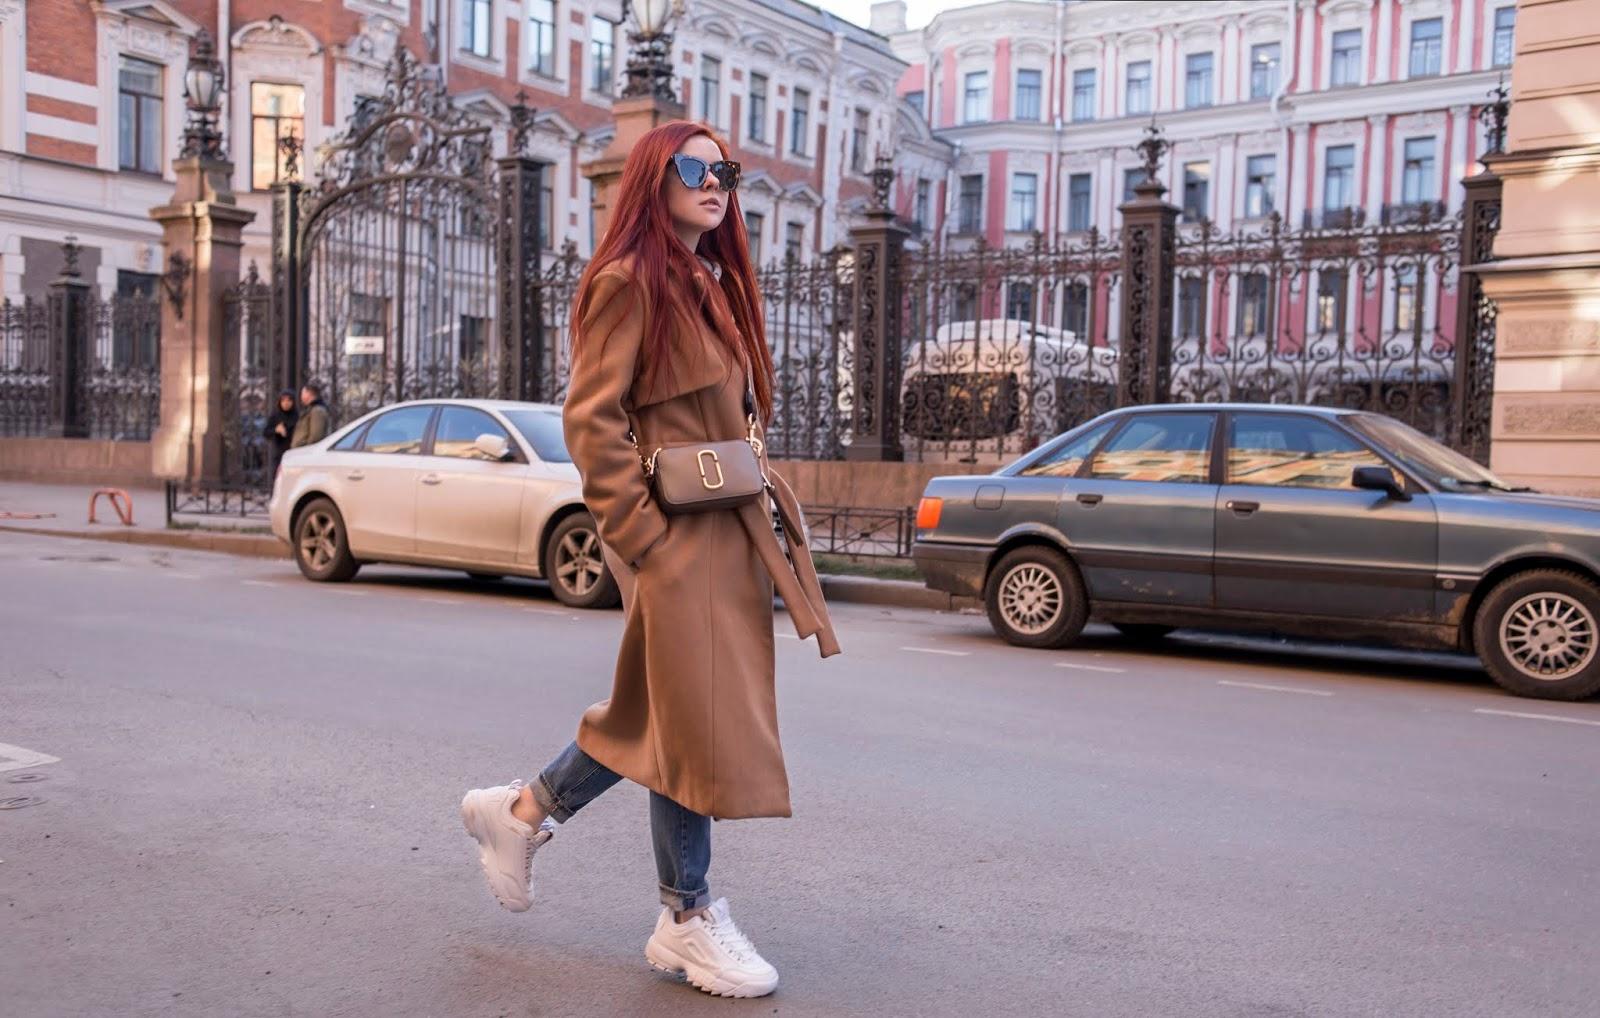 http://www.recklessdiary.ru/2019/04/kakie-vyvody-pora-sdelat-k-zo-godam-chto-pora-perestat-delat-la-redoute-zakazat-fila-krossovki-kupit-levis-dzhinsy-original-shopbop.html